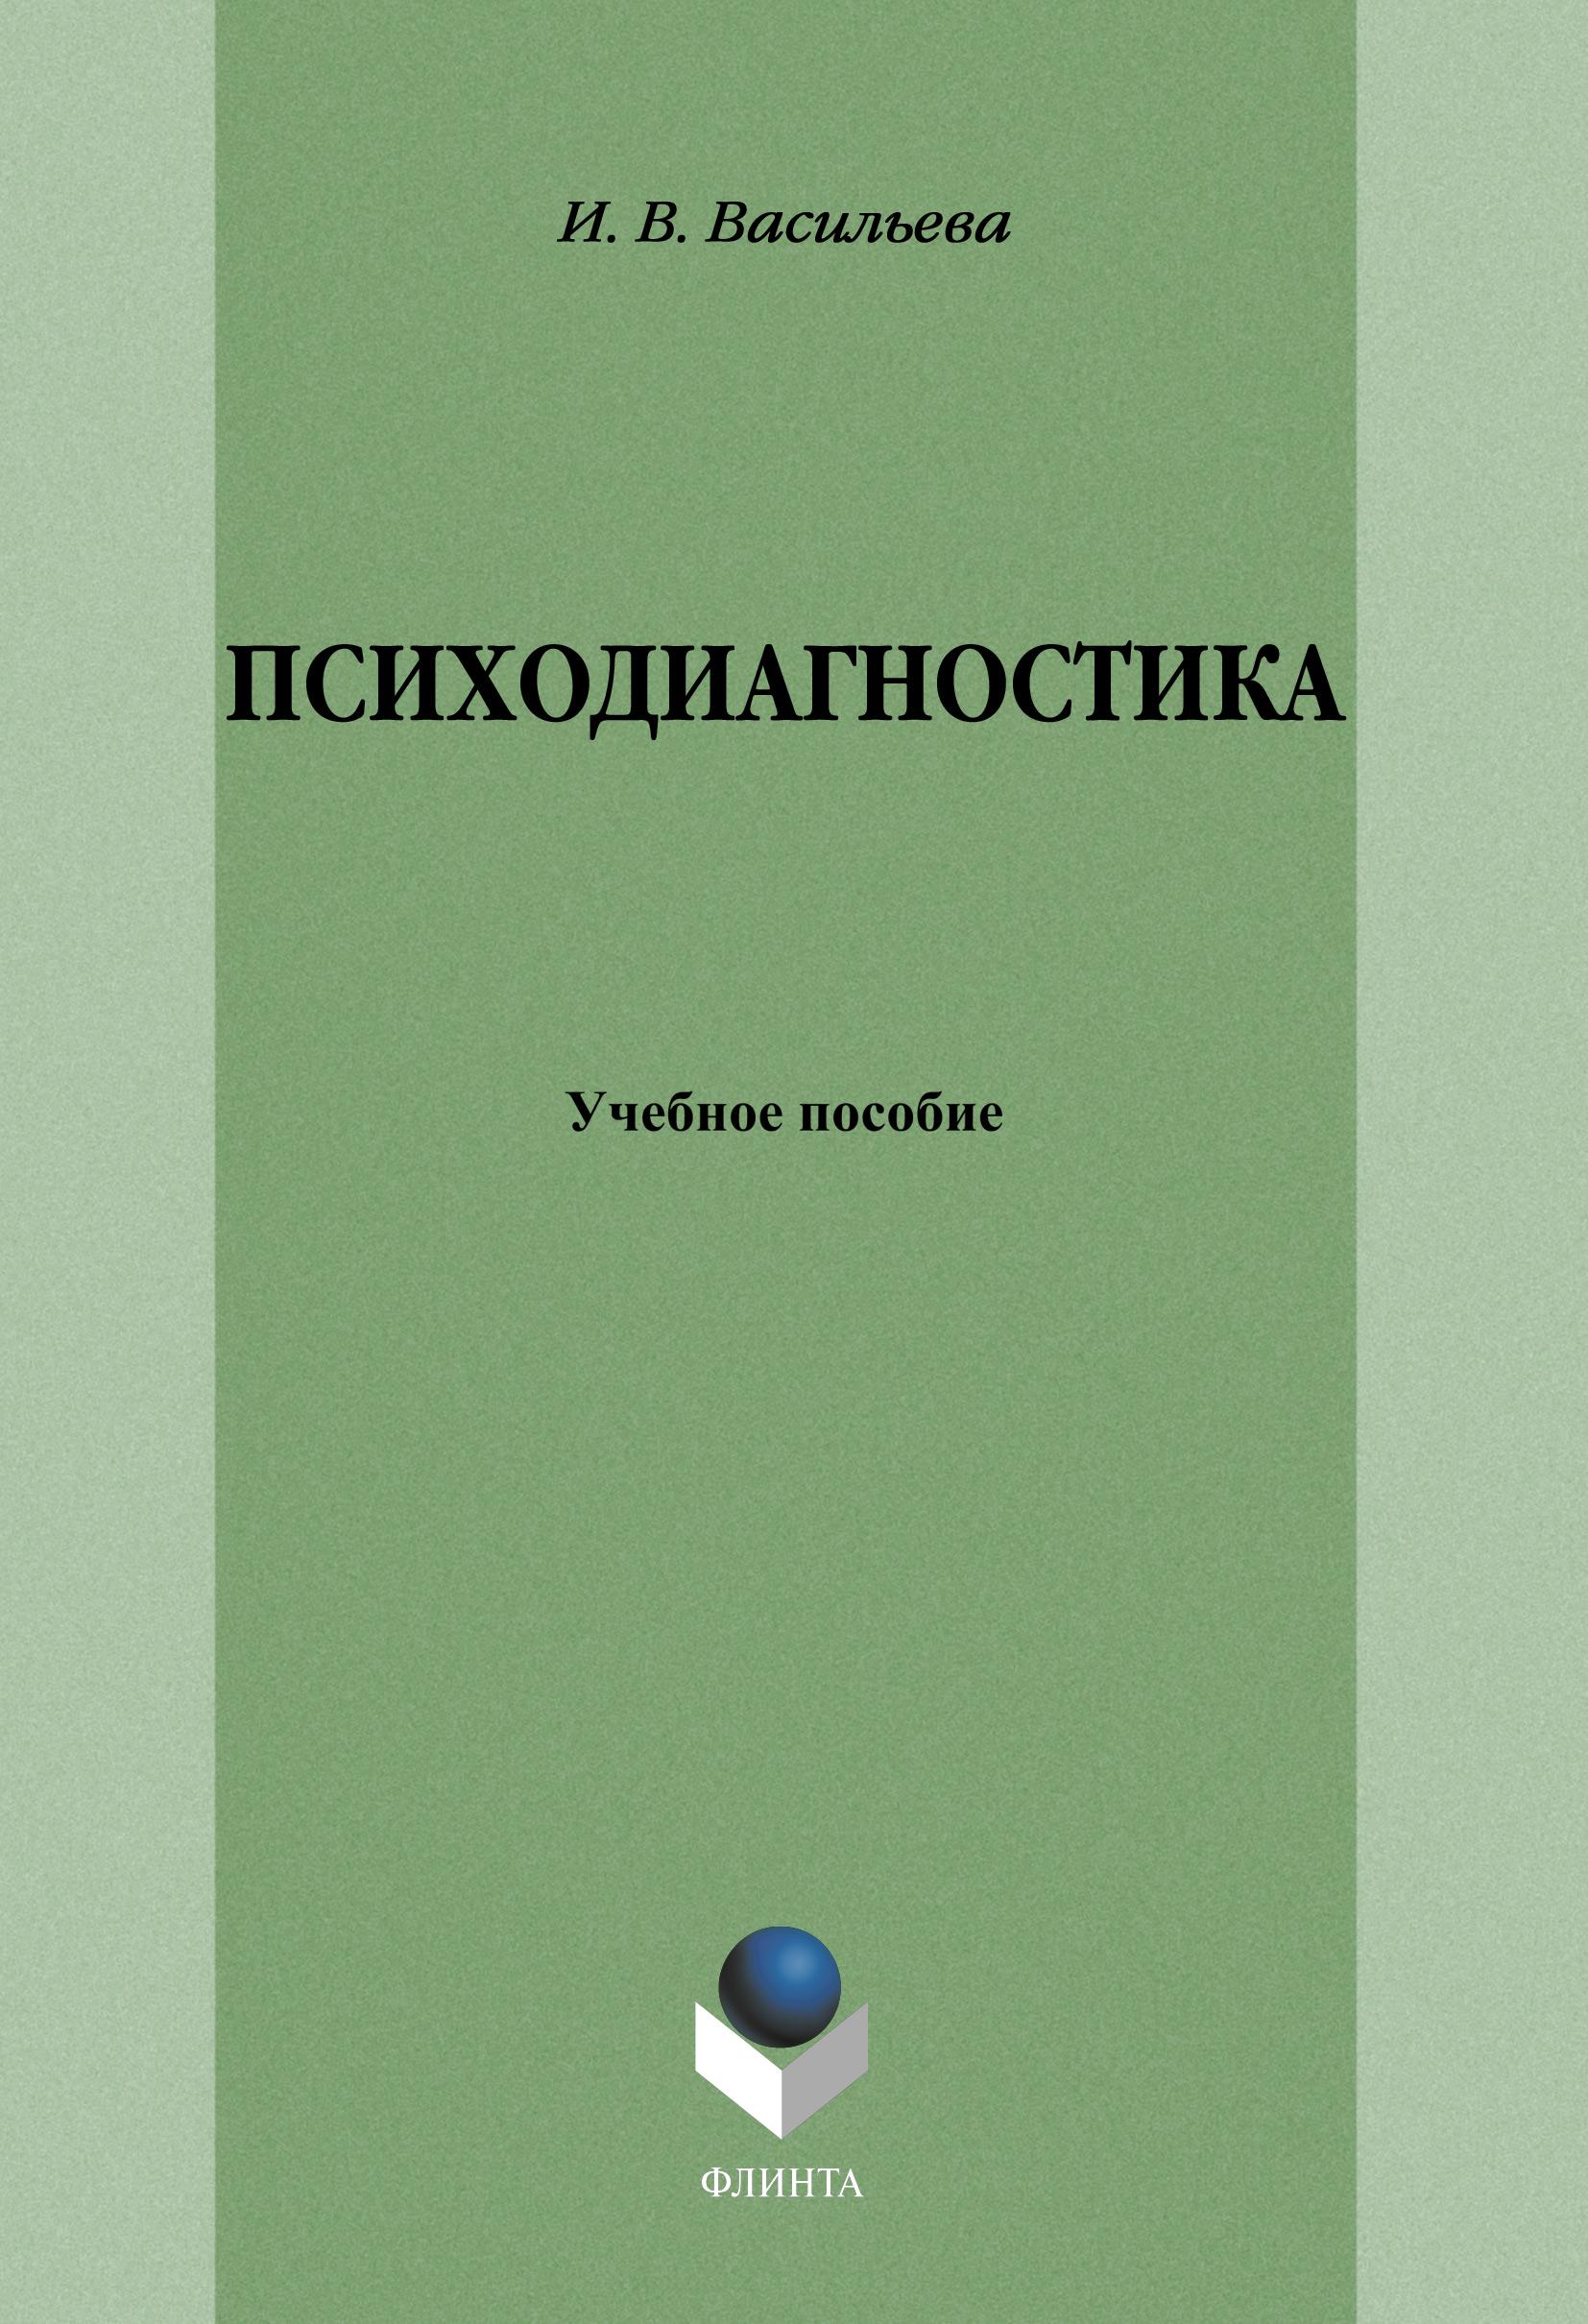 И. В. Васильева Психодиагностика: учебное пособие